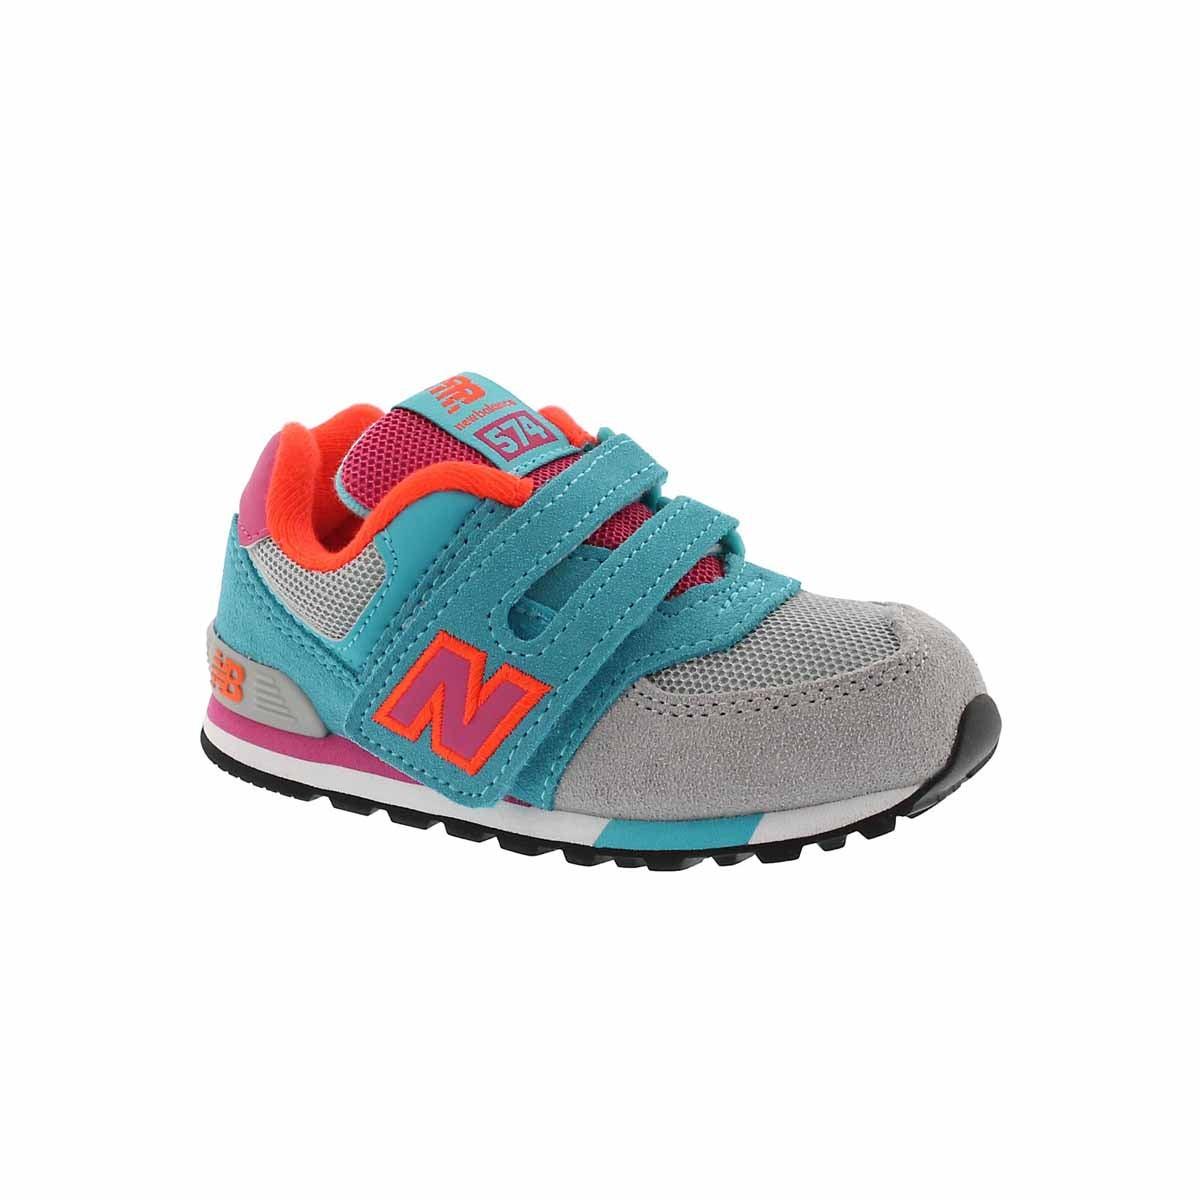 Infants' 574 grey/teal/pink sneakers